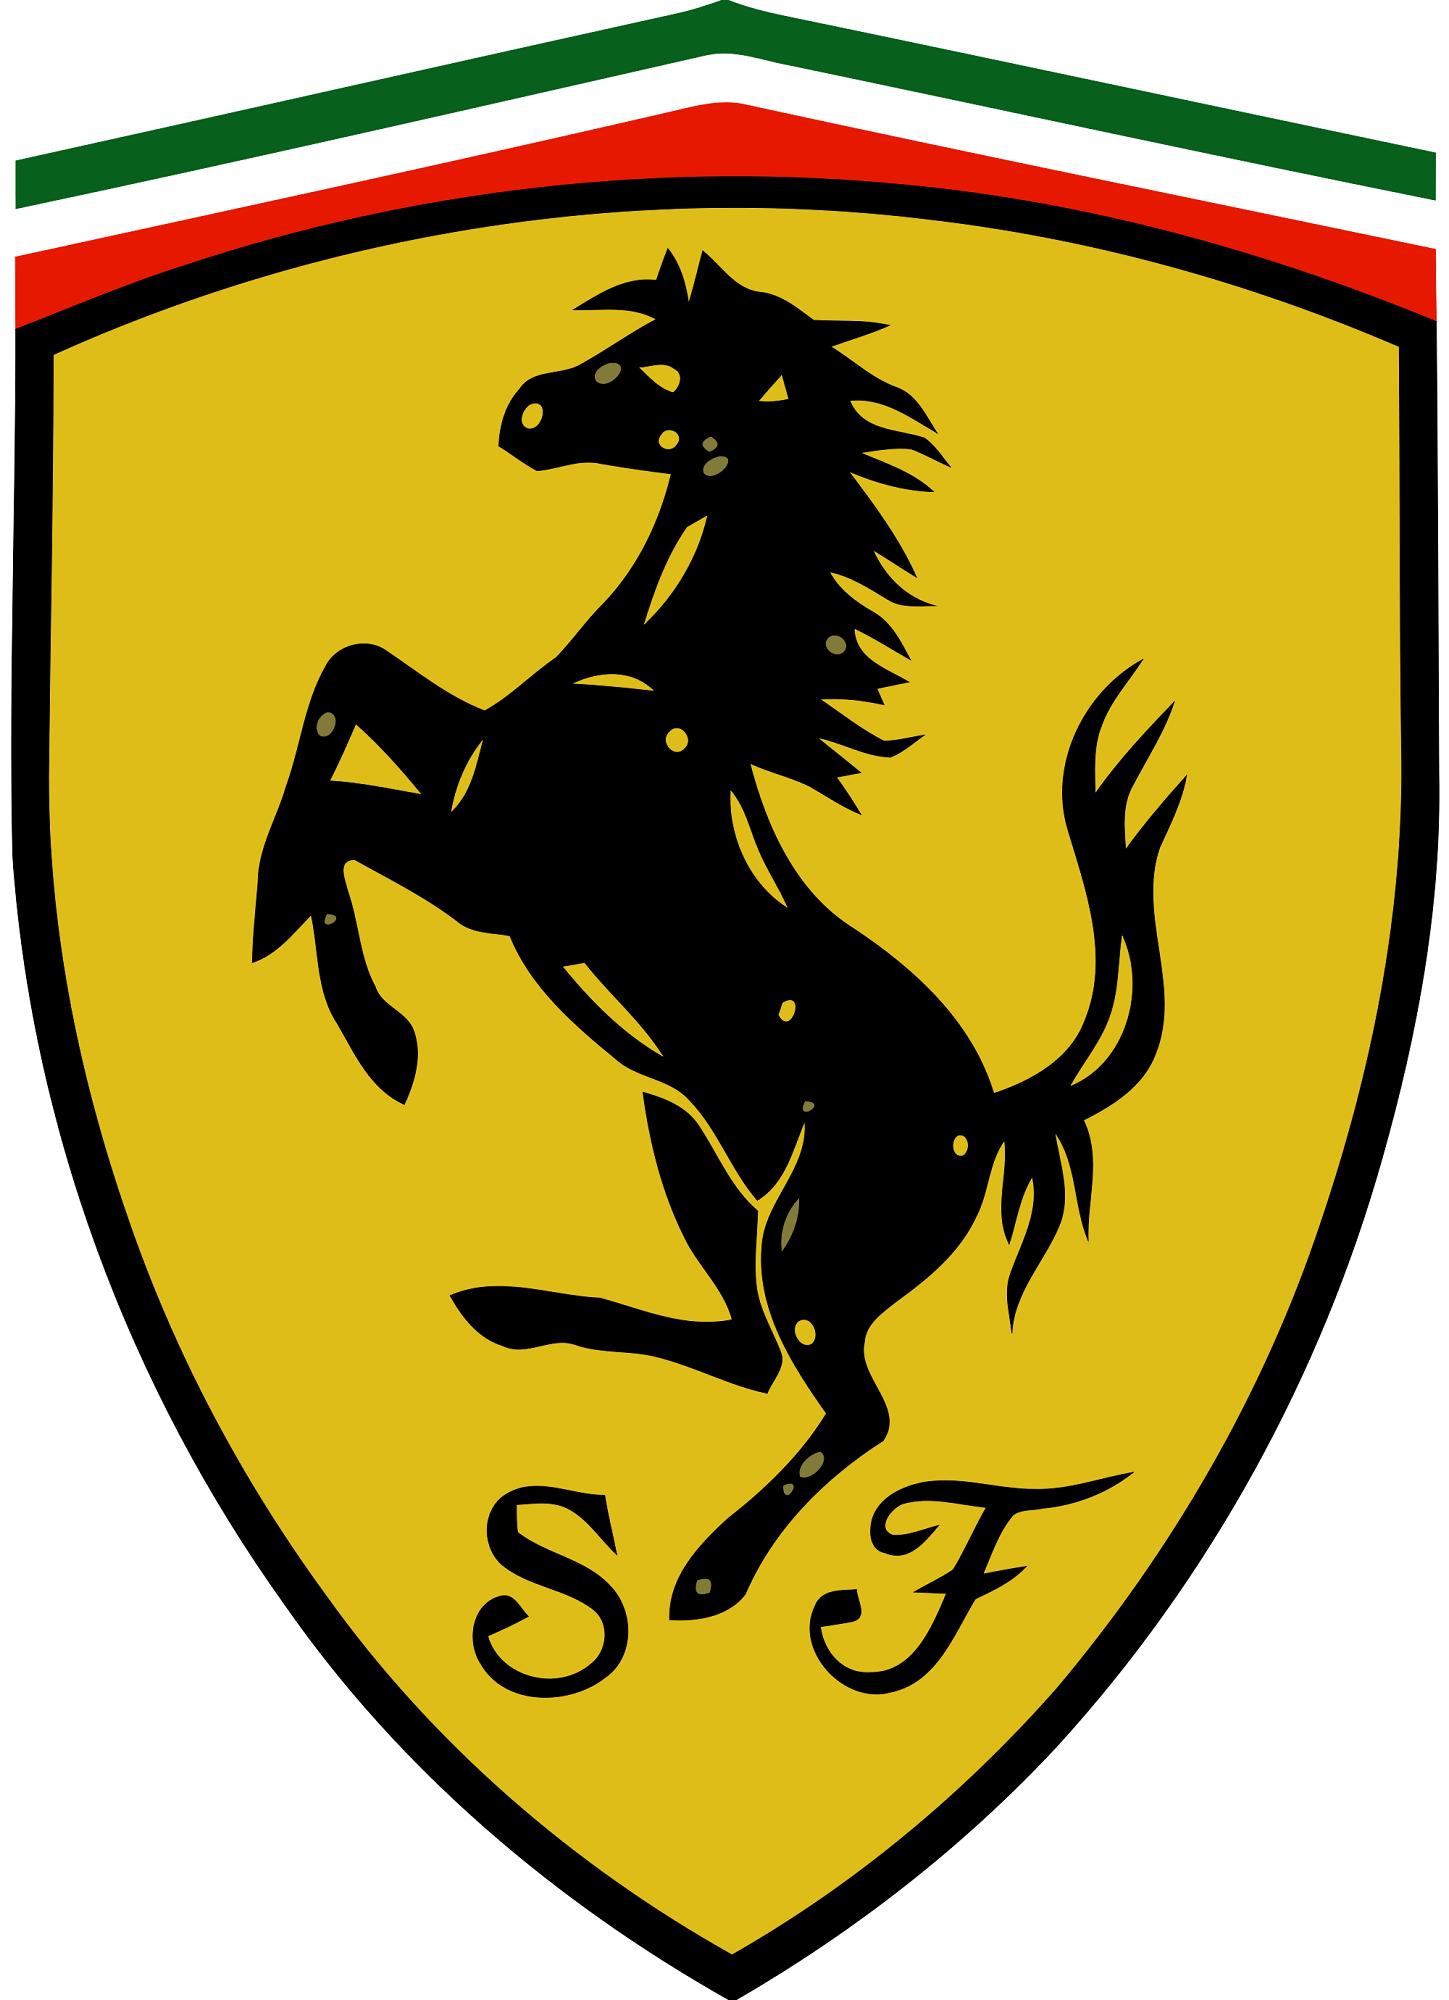 Ferrari Logo #Ferrari, #FerrariLogo #Ferrari - //wallsauto.com ...